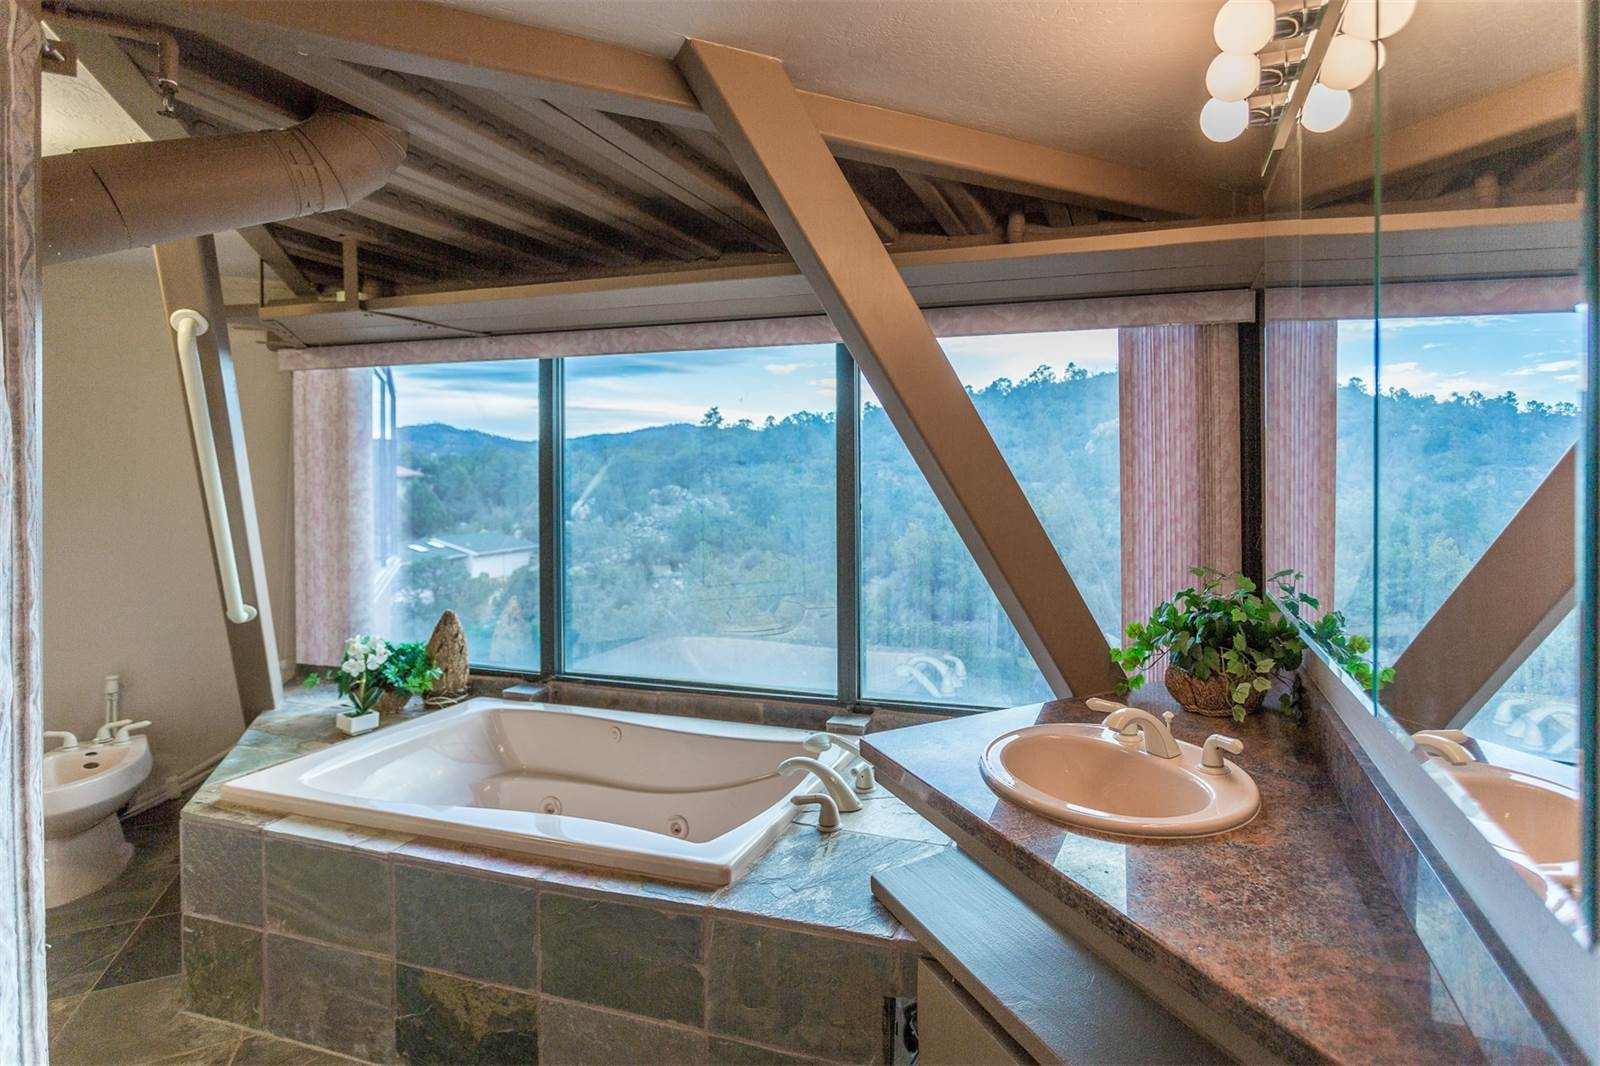 В ванных тожеустановлены широкие окна свидом нагоры